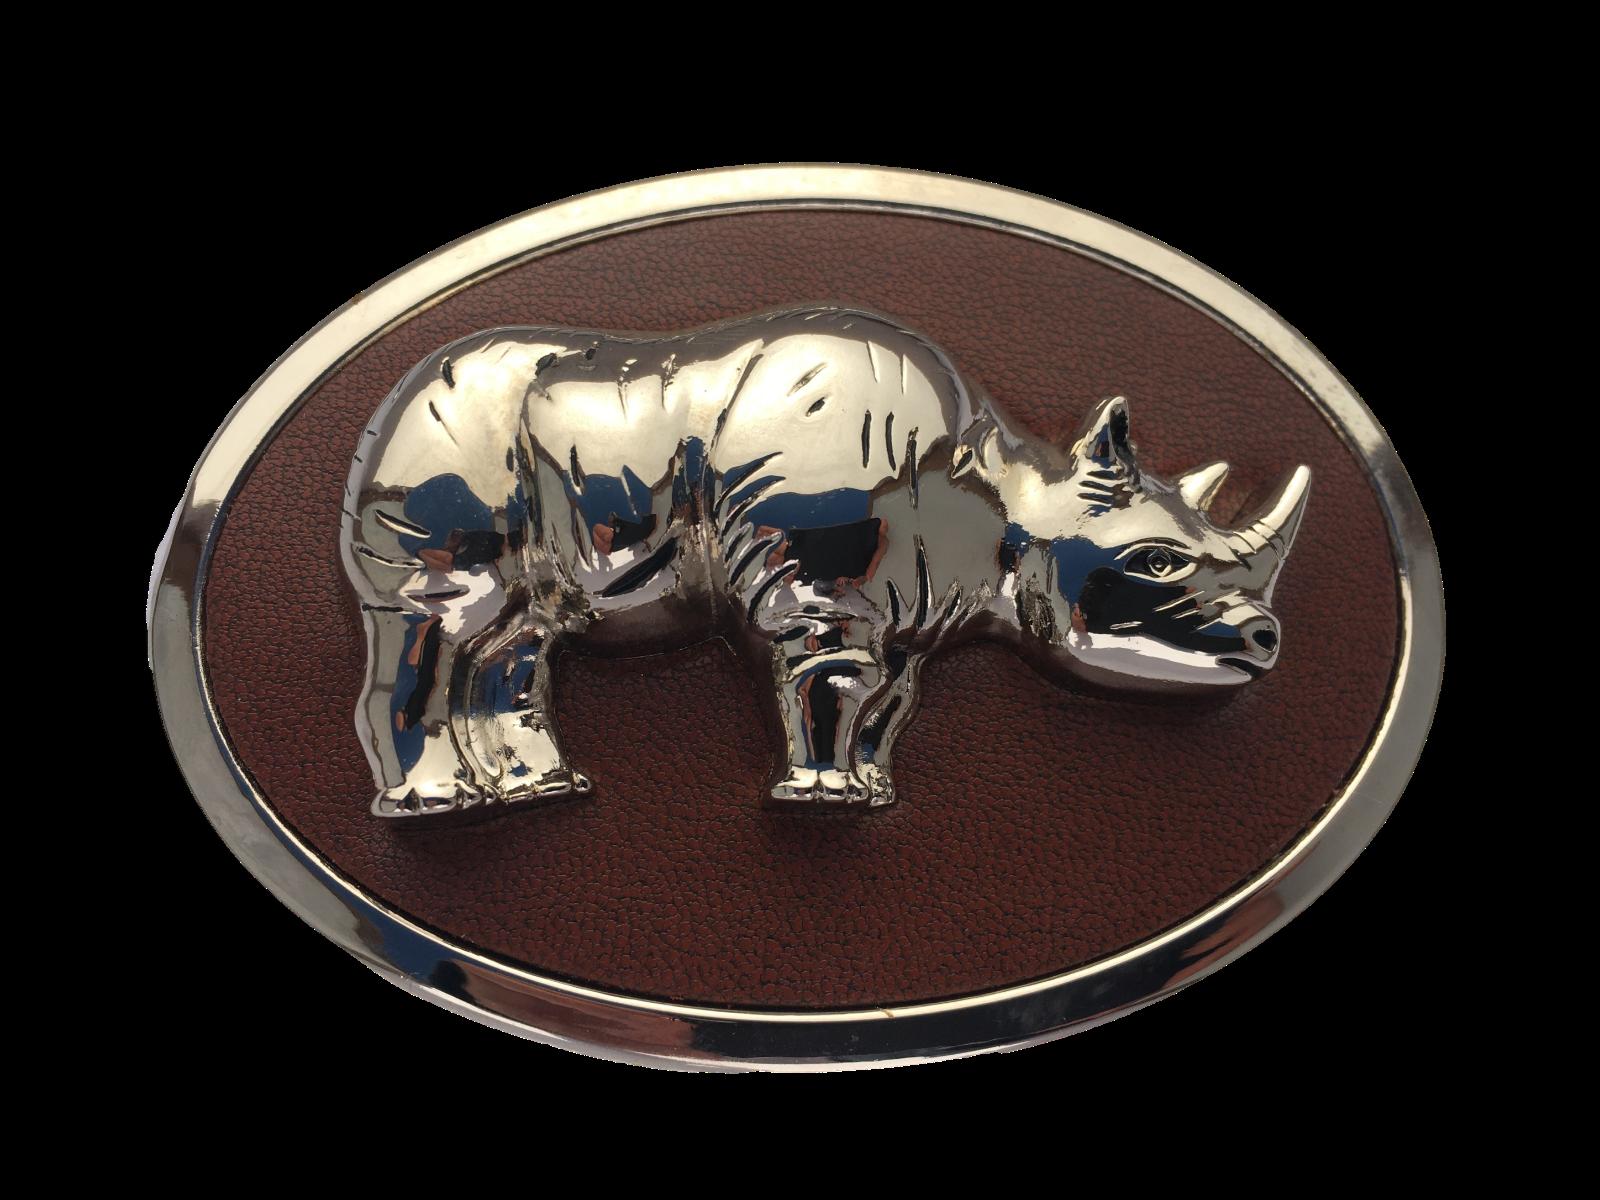 Belt Buckle Rhino on Leather Silver Rhinoceros 40mm Cool Stylish Biker Western